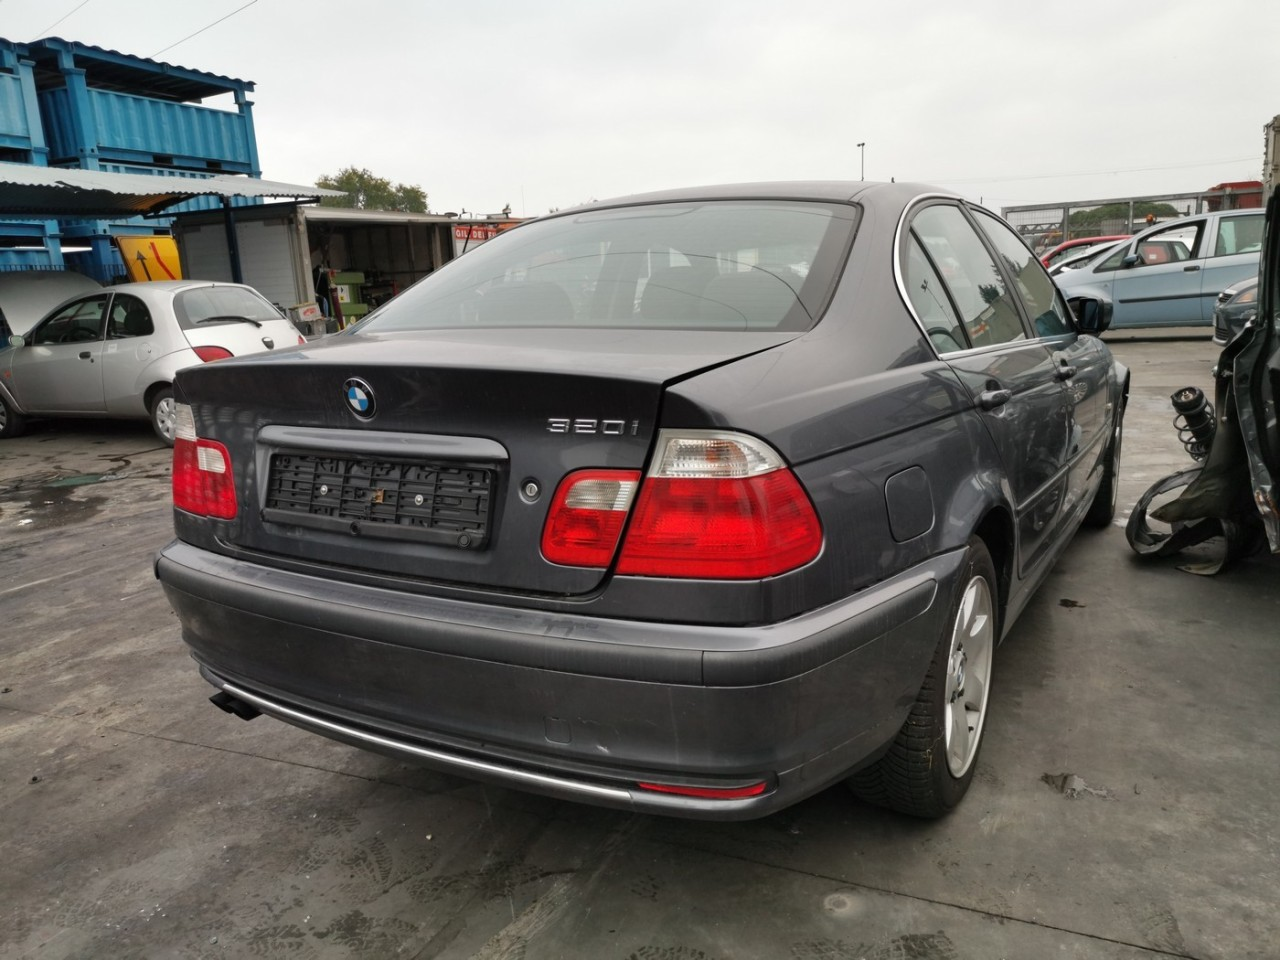 dezmembrari auto BMW E46 an 1999 - 2000 - 2001 motor 320i 226S1 170cp